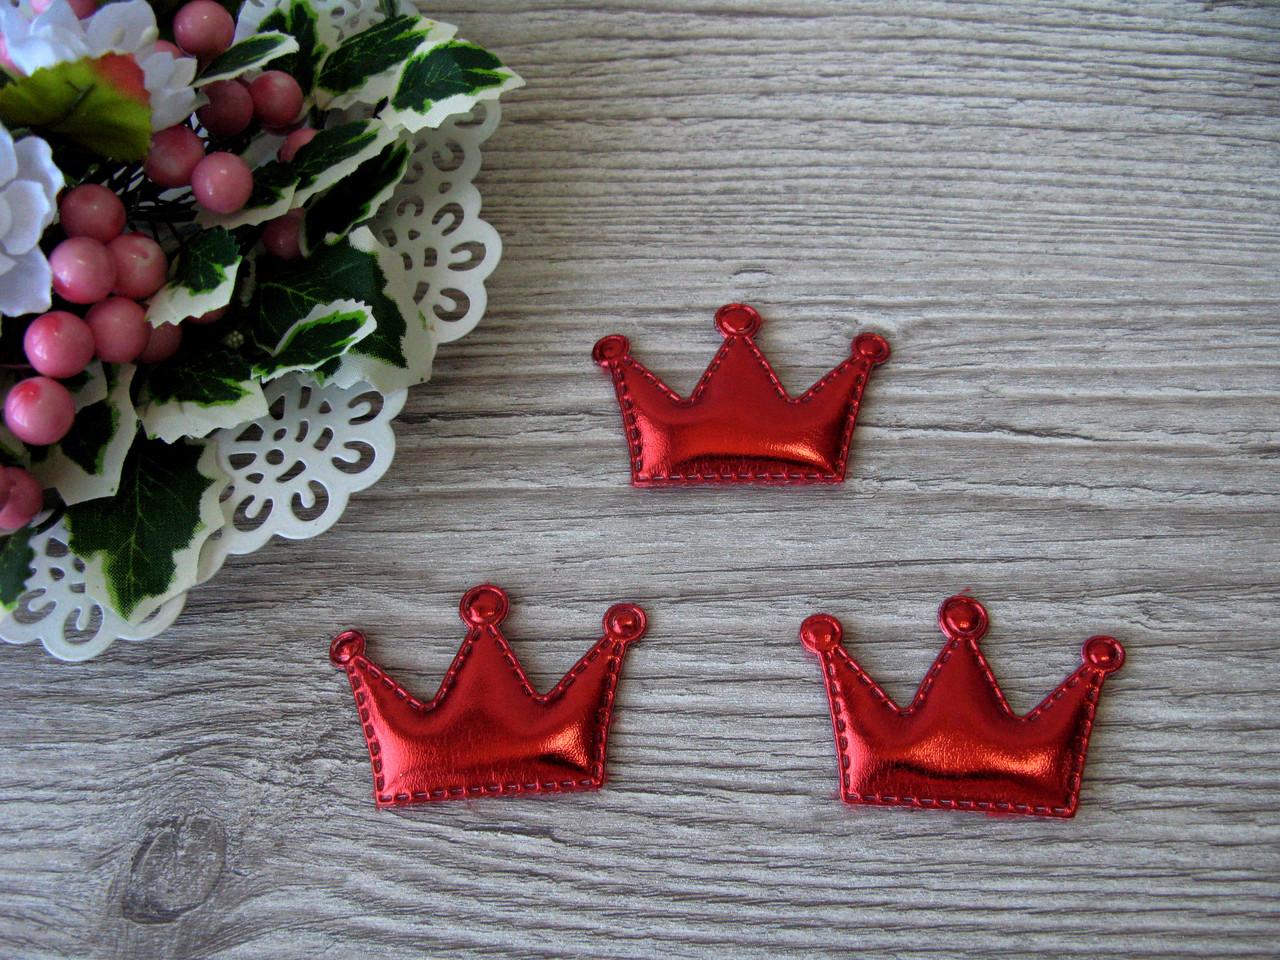 Патчи корона из эко-кожи красные 5.5 см на 3.8 см